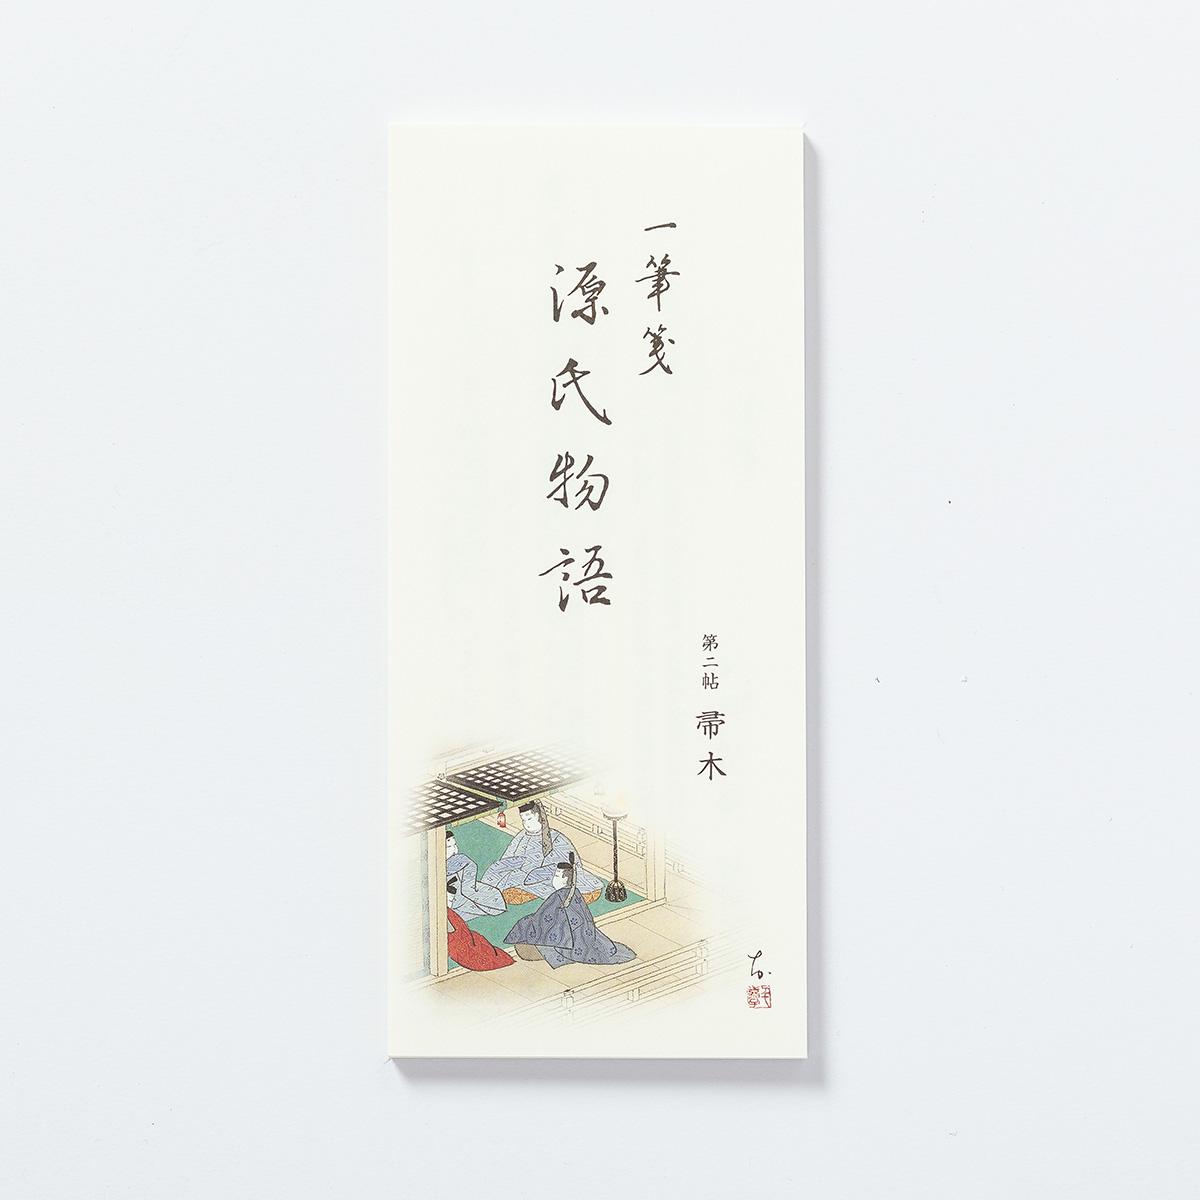 源氏物語一筆箋 第2帖「帚木」